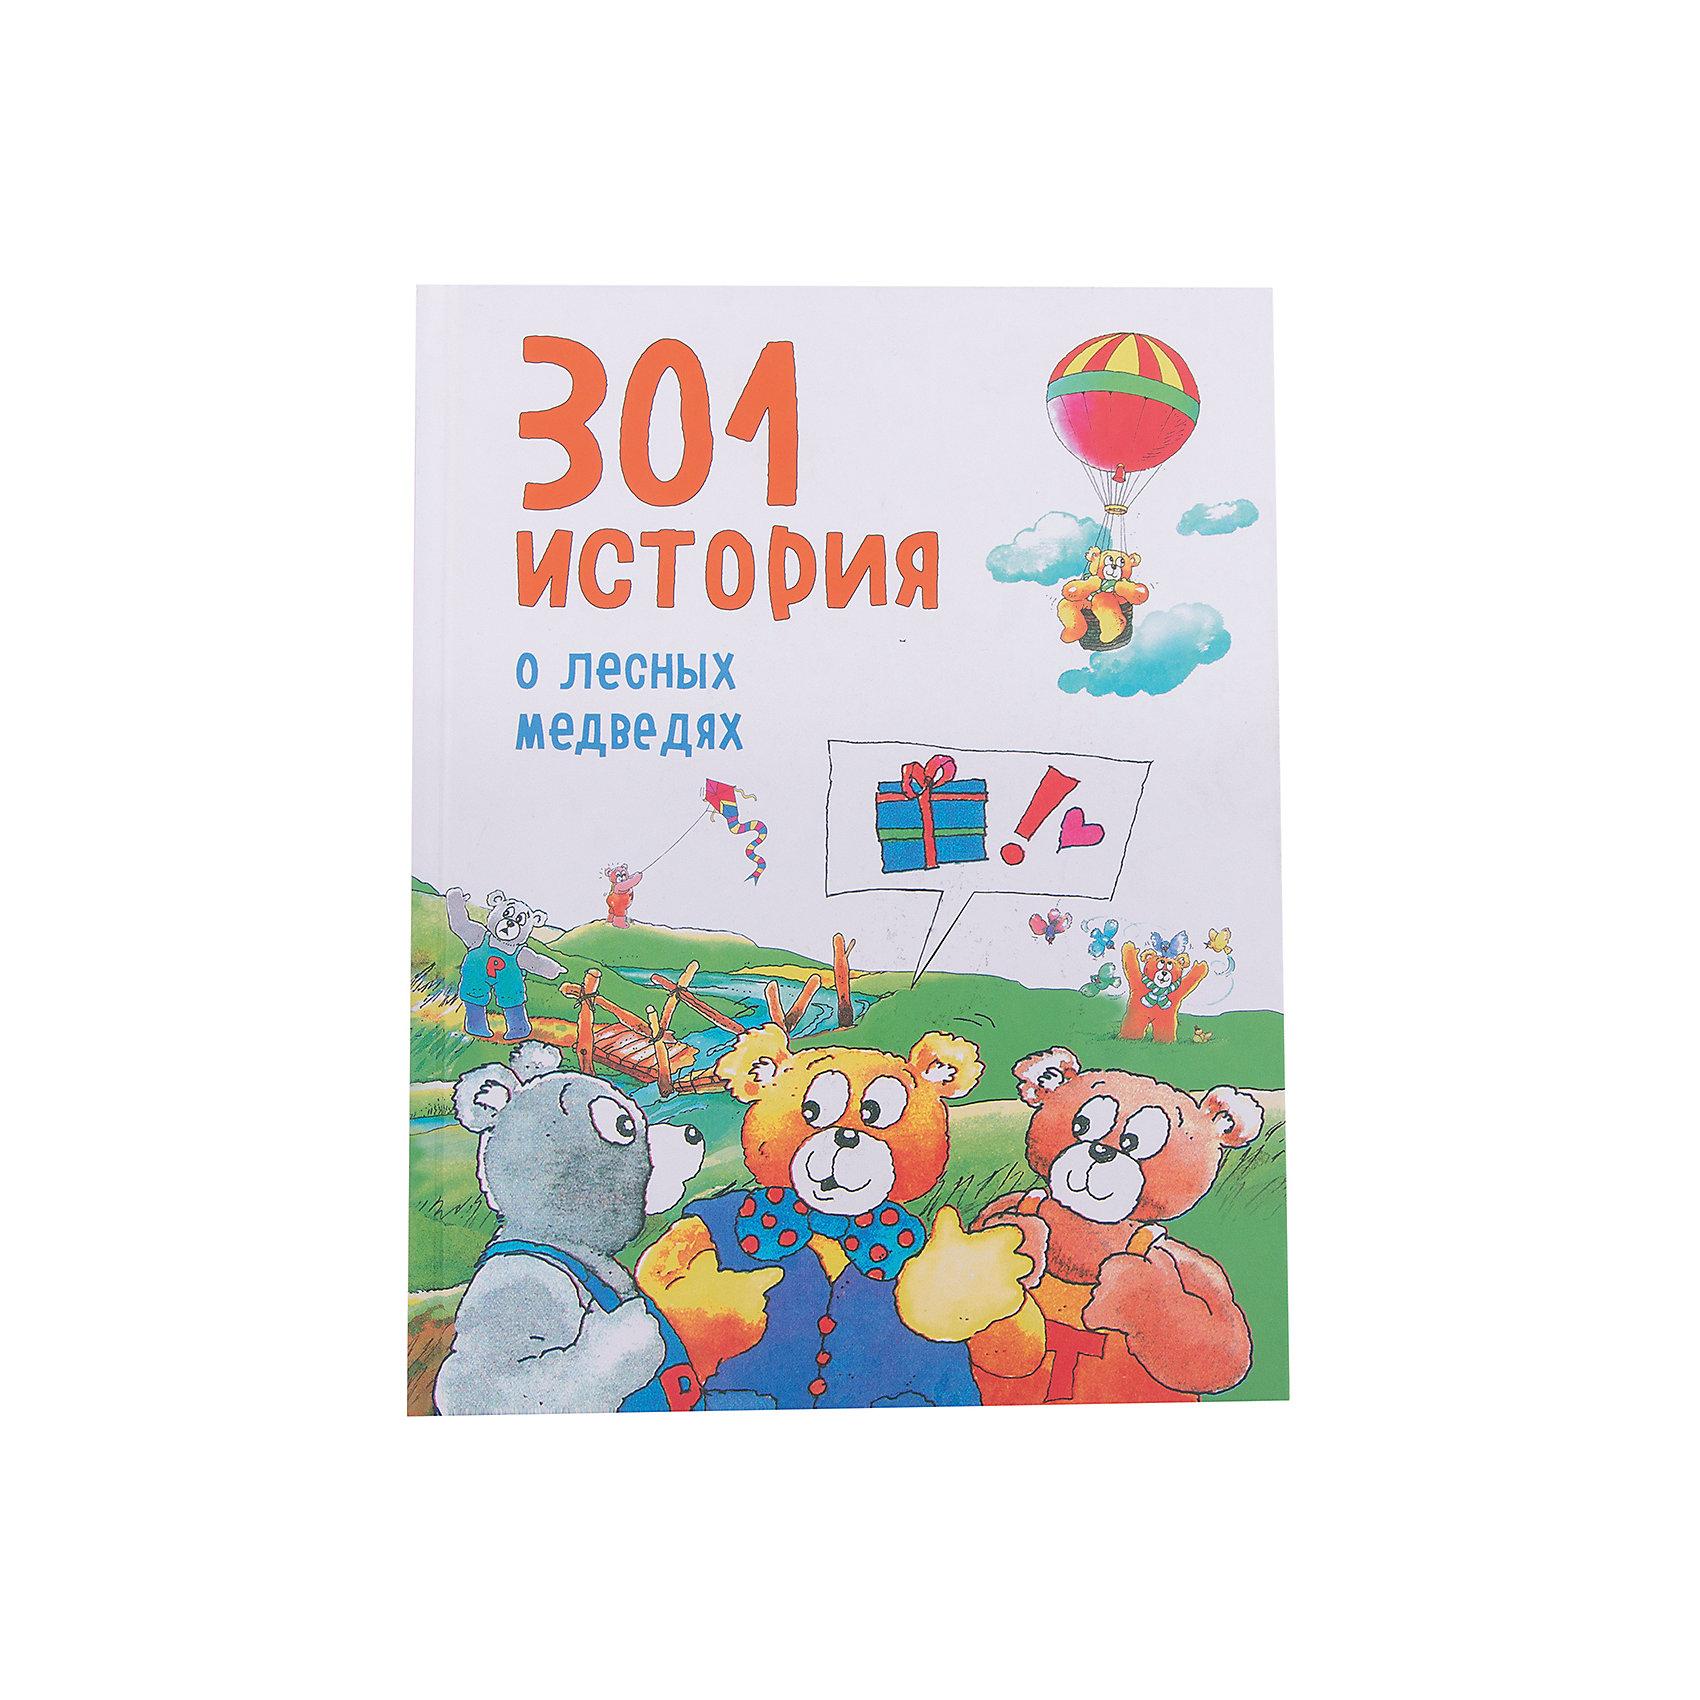 301 история о лесных медведяхСказки, рассказы, стихи<br>Как жаль, что сказки кончаются! Полюбившихся героев не хочется отпускать, закрывая тонкую книжку на последней странице. Наши сказки перед сном - это возможность найти новых любимых друзей среди персонажей историй и прожить с ними долго-долго - целый год, потому что каждая книга - это забавная сказка с продолжением. Детям понравятся добрые и поучительные сказки, разбитые на маленькие истории, которые можно читать с бабушками и дедушками, мамами и папами. <br>Для детей 4-5 лет, для чтения взрослыми детям.<br><br>Ширина мм: 255<br>Глубина мм: 197<br>Высота мм: 200<br>Вес г: 926<br>Возраст от месяцев: 36<br>Возраст до месяцев: 2147483647<br>Пол: Унисекс<br>Возраст: Детский<br>SKU: 5535452